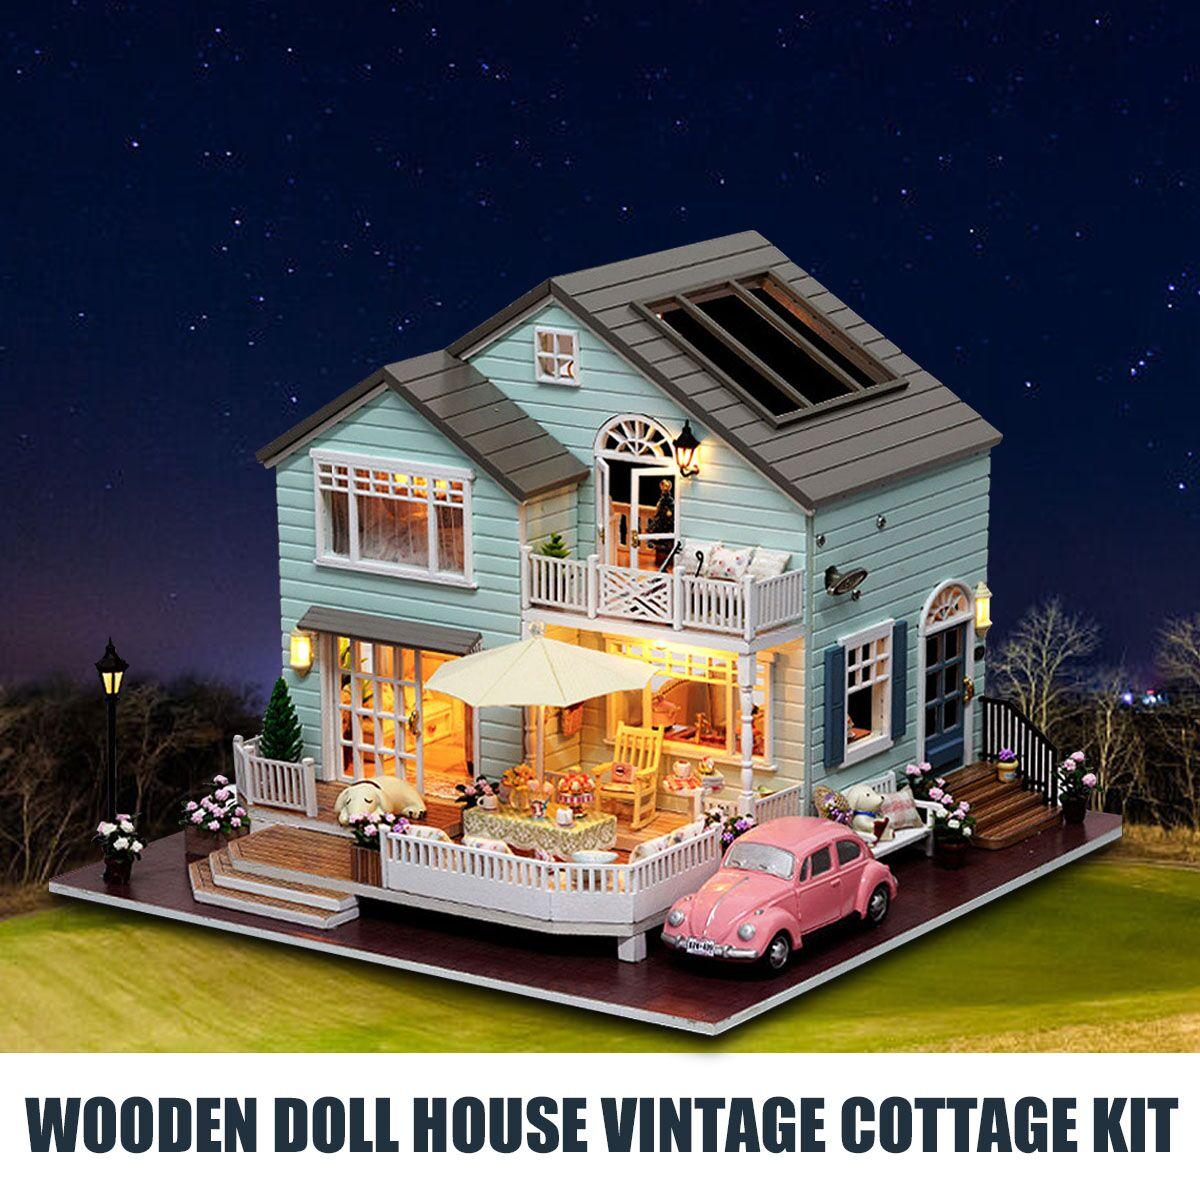 Maison de poupée en bois Vintage Cottage Kit maison de poupée en bois bricolage cabane artisanat Set manoir filles maison jouet cadeau d'anniversaire